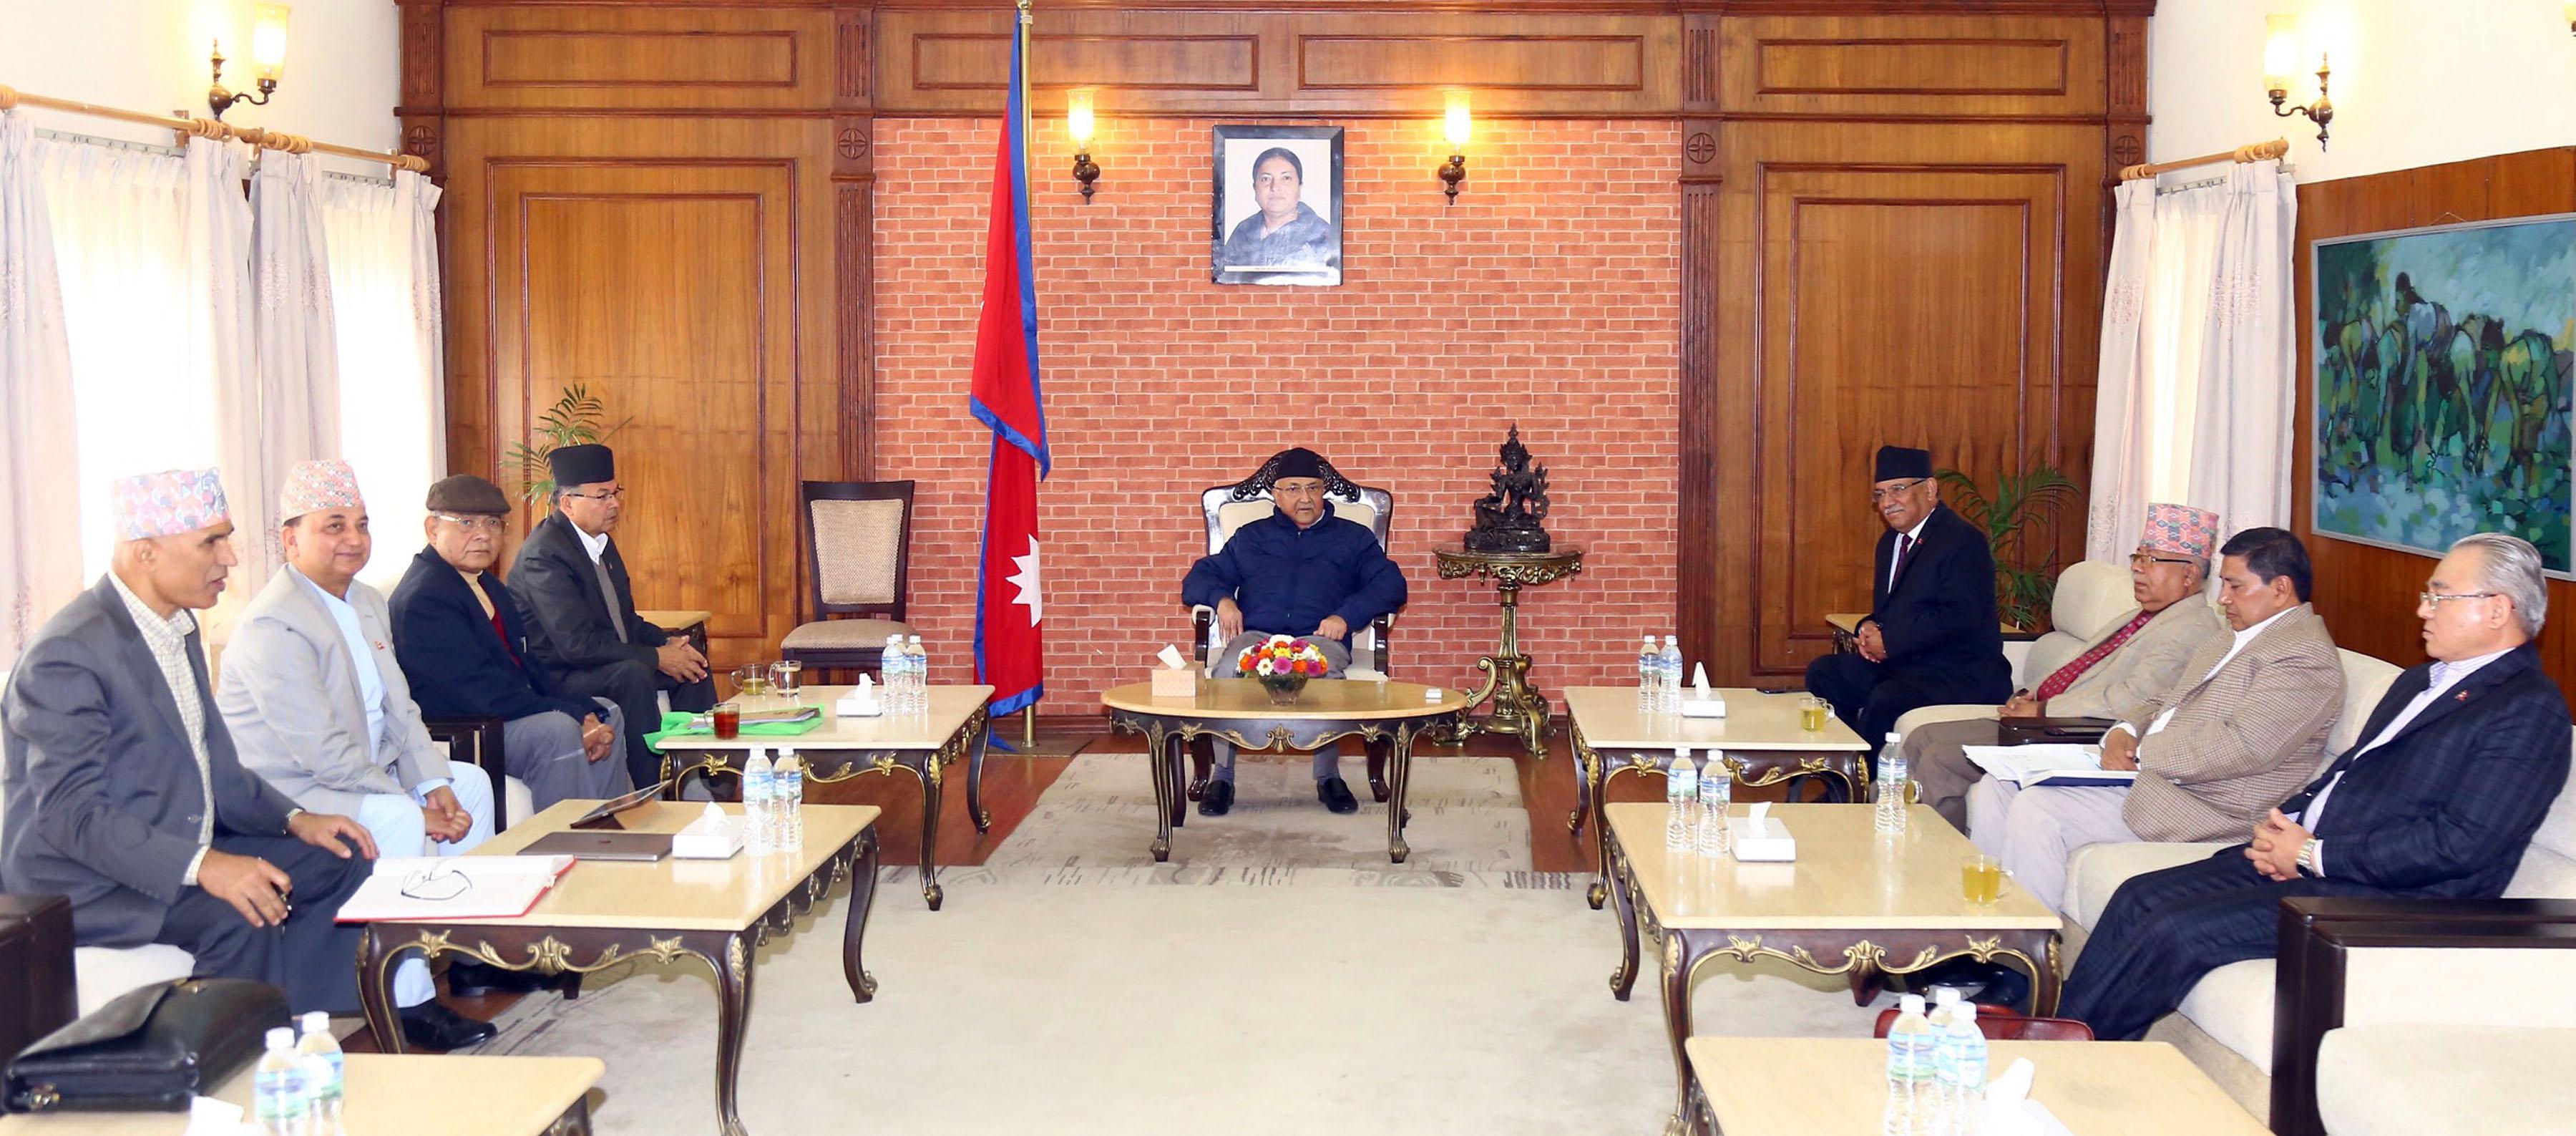 नेपाल-भारत सीमा विषयमा सरकारले स्पष्ट  पारिसकेको छ : सचिवालय बैठक